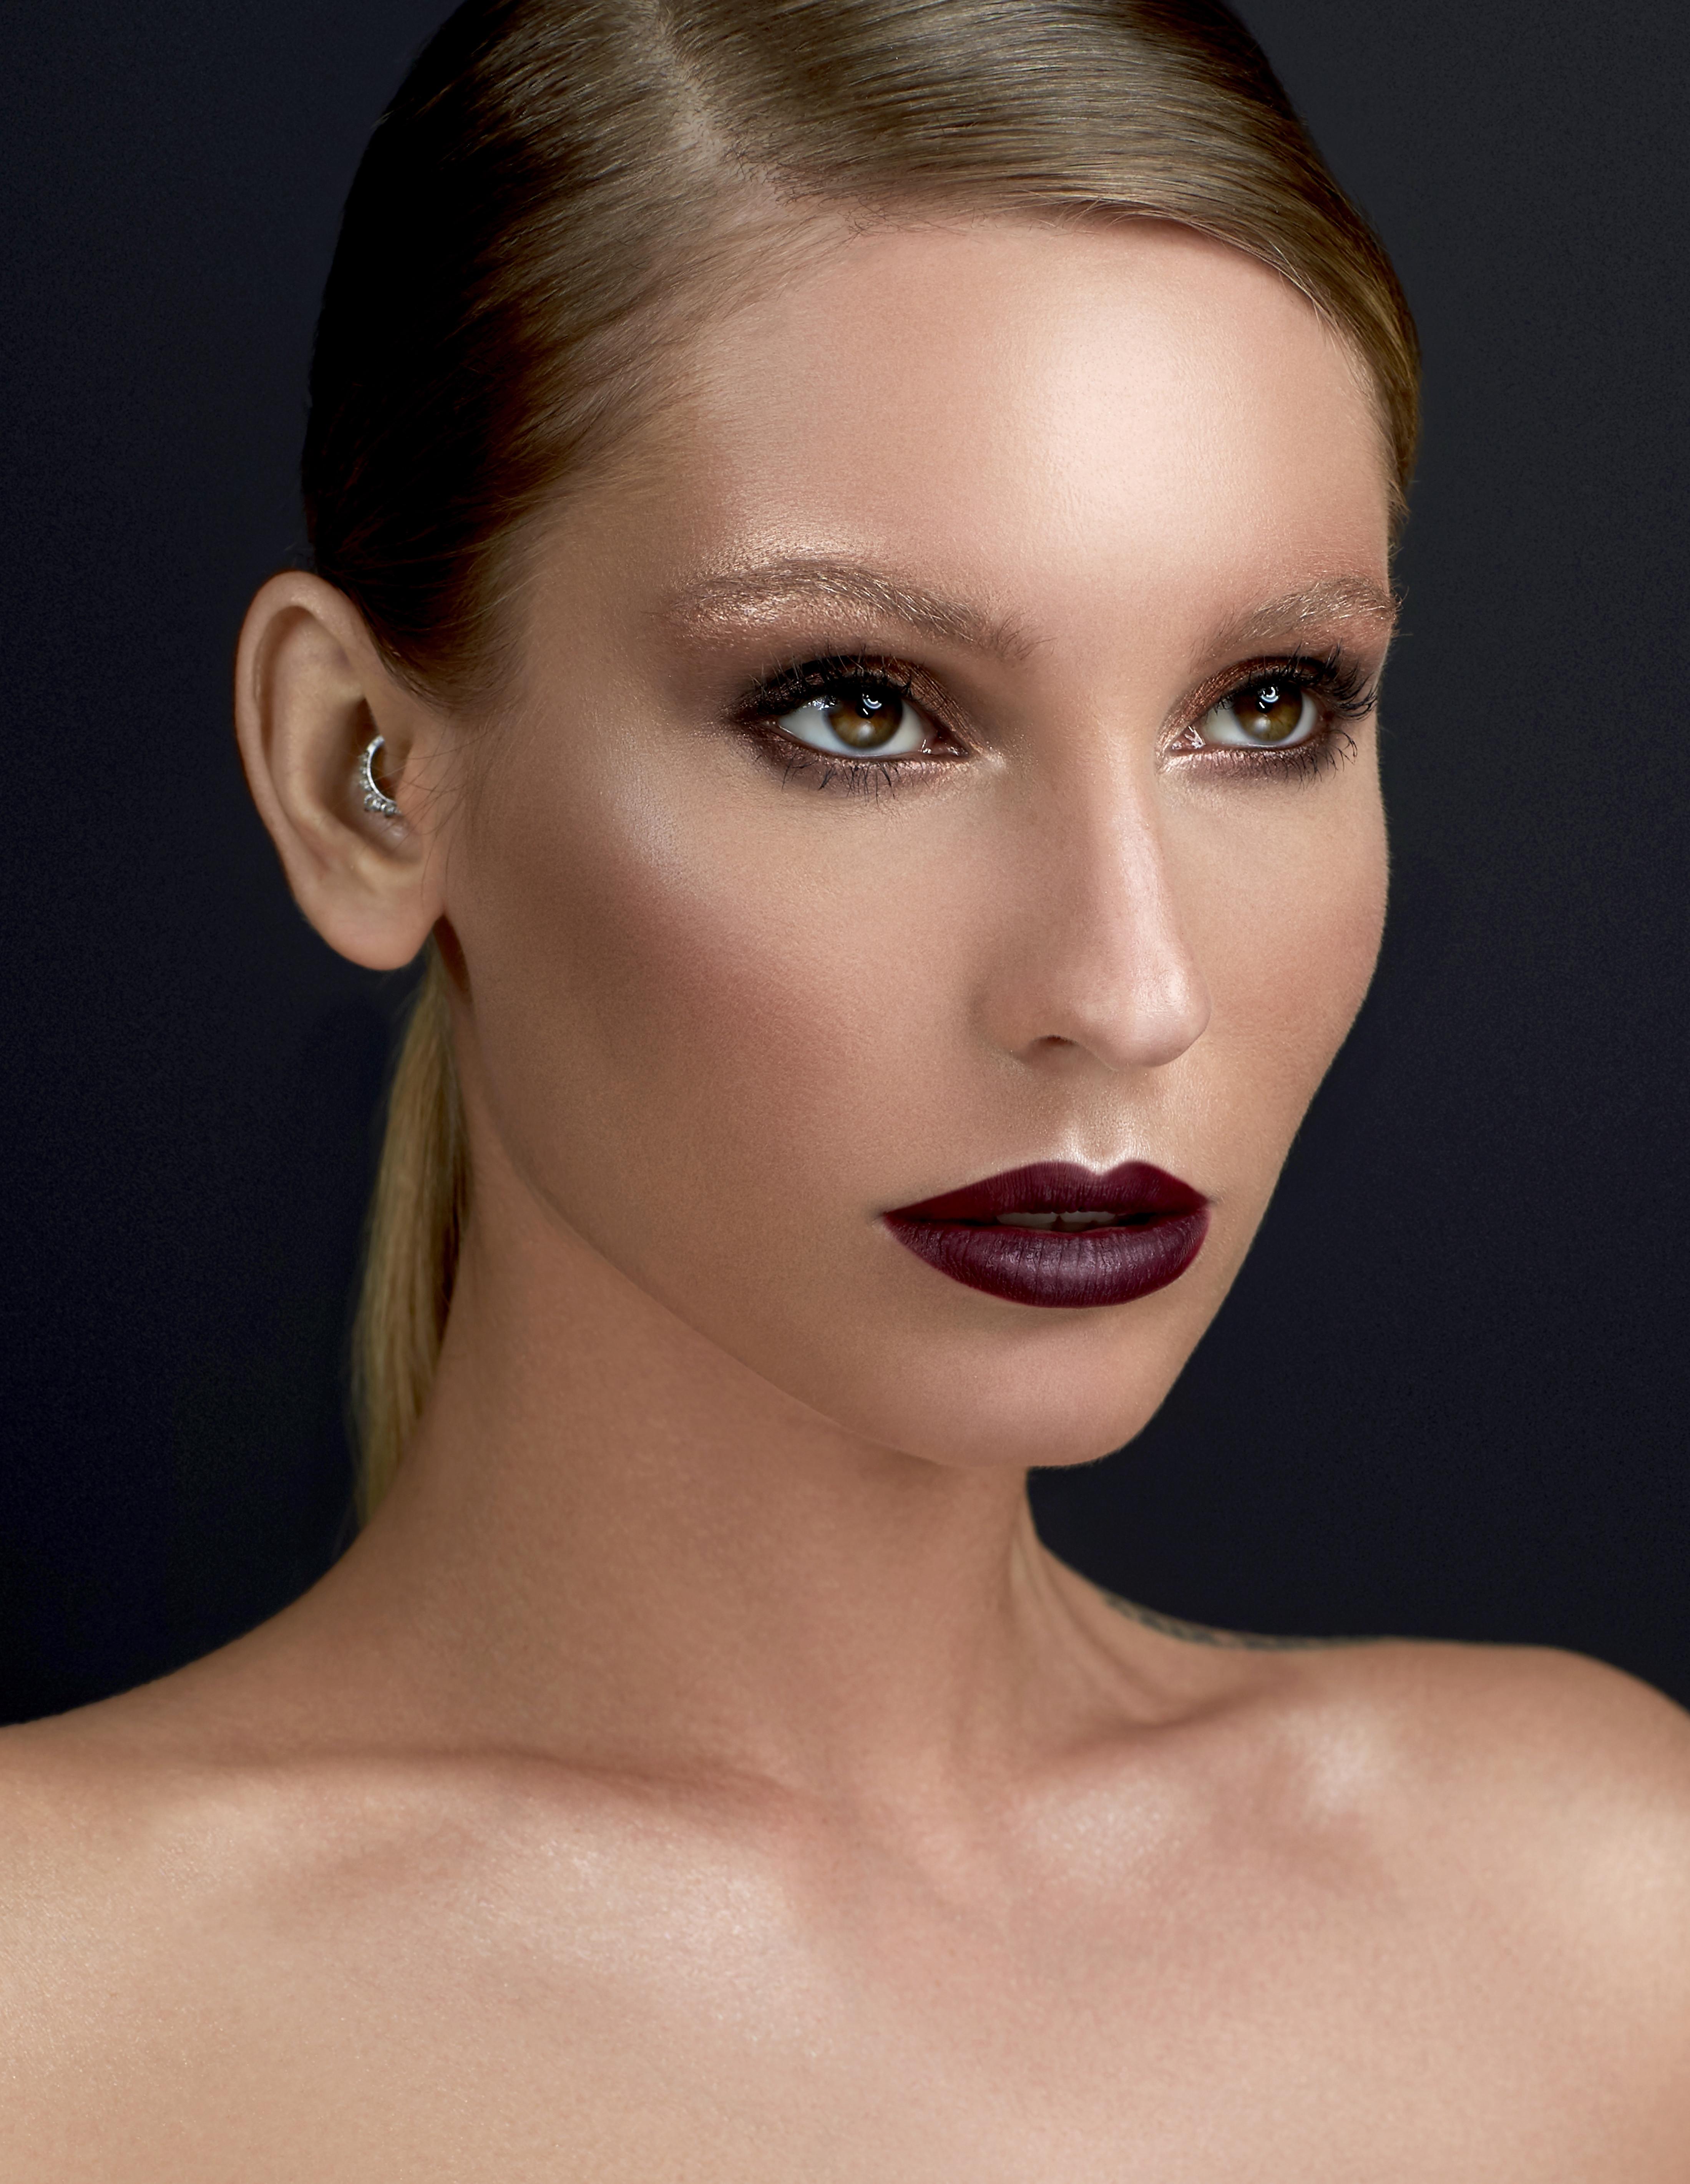 Fotoshooting-Make-up